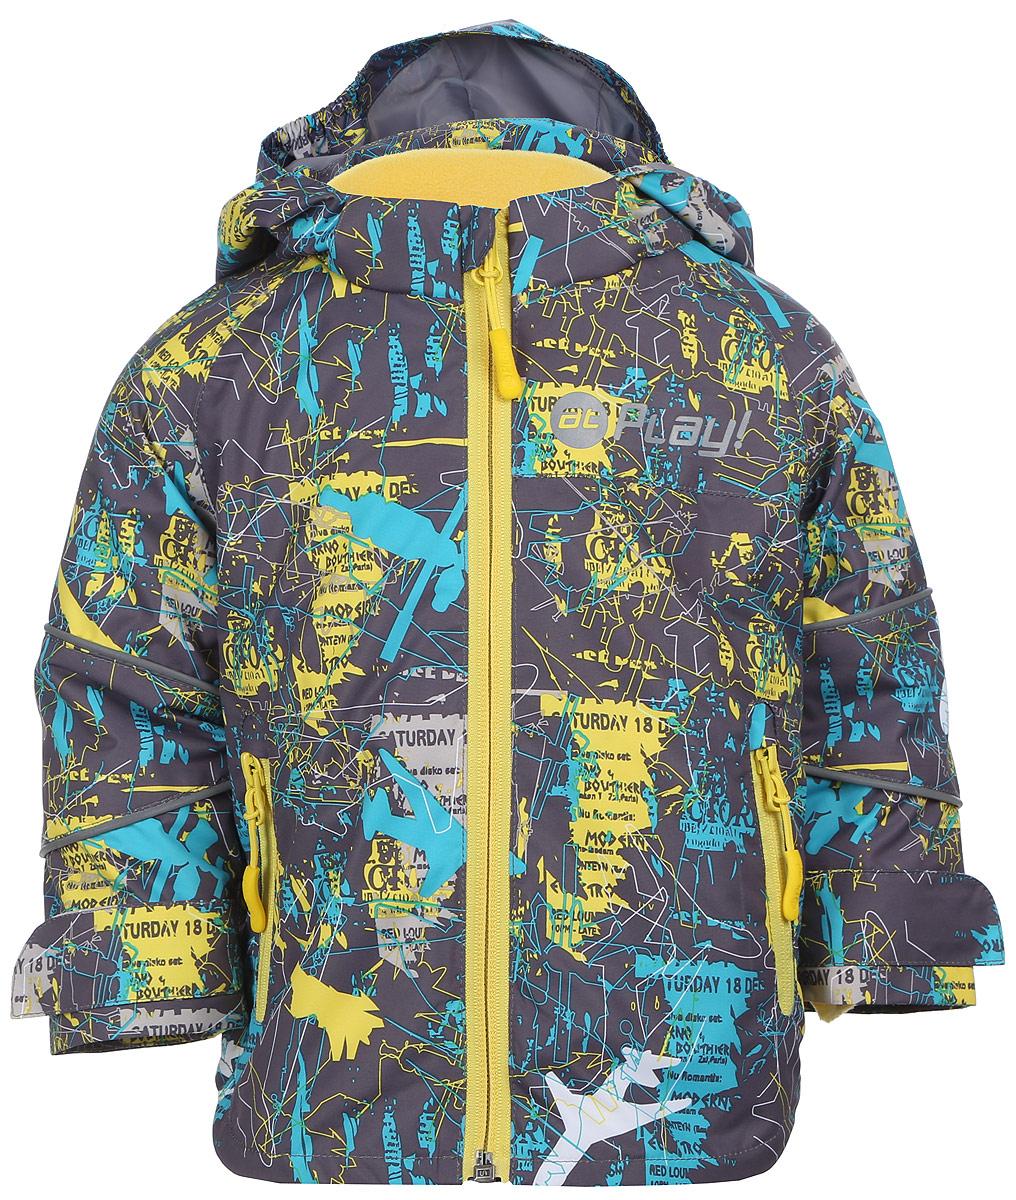 Куртка2jk704Удобная и комфортная куртка для мальчика atPlay! выполнена из качественного полиэстера, с покрытием Teflon от DuPont, которое облегчает уход за этой одеждой. Дышащая способность: 5000г/м и водонепроницаемость куртки: 5000мм. Куртка 2 в 1 с отстегивающейся флисовой поддевкой-кофточкой из материала Polar fleese, которая служит как утеплитель, а также ее можно носить отдельно. Такая кофточка отличное решение для весеннего периода, к тому же она изготовлена с антипиллинговой обработкой ворса для сохранения качественных характеристик на более длительный срок. Куртка с воротником-стойкой и отстегивающимся капюшоном застегивается на молнию с защитой подбородка. Манжеты рукавов дополнены широкими утягивающими хлястиками на липучках. Спереди модель оформлена двумя прорезными карманами на застежках-молниях, с внутренней стороны на поддевке-кофточке расположены два накладных кармана. Куртка оснащена светоотражающими полосками на рукавах и оформлена стильным...